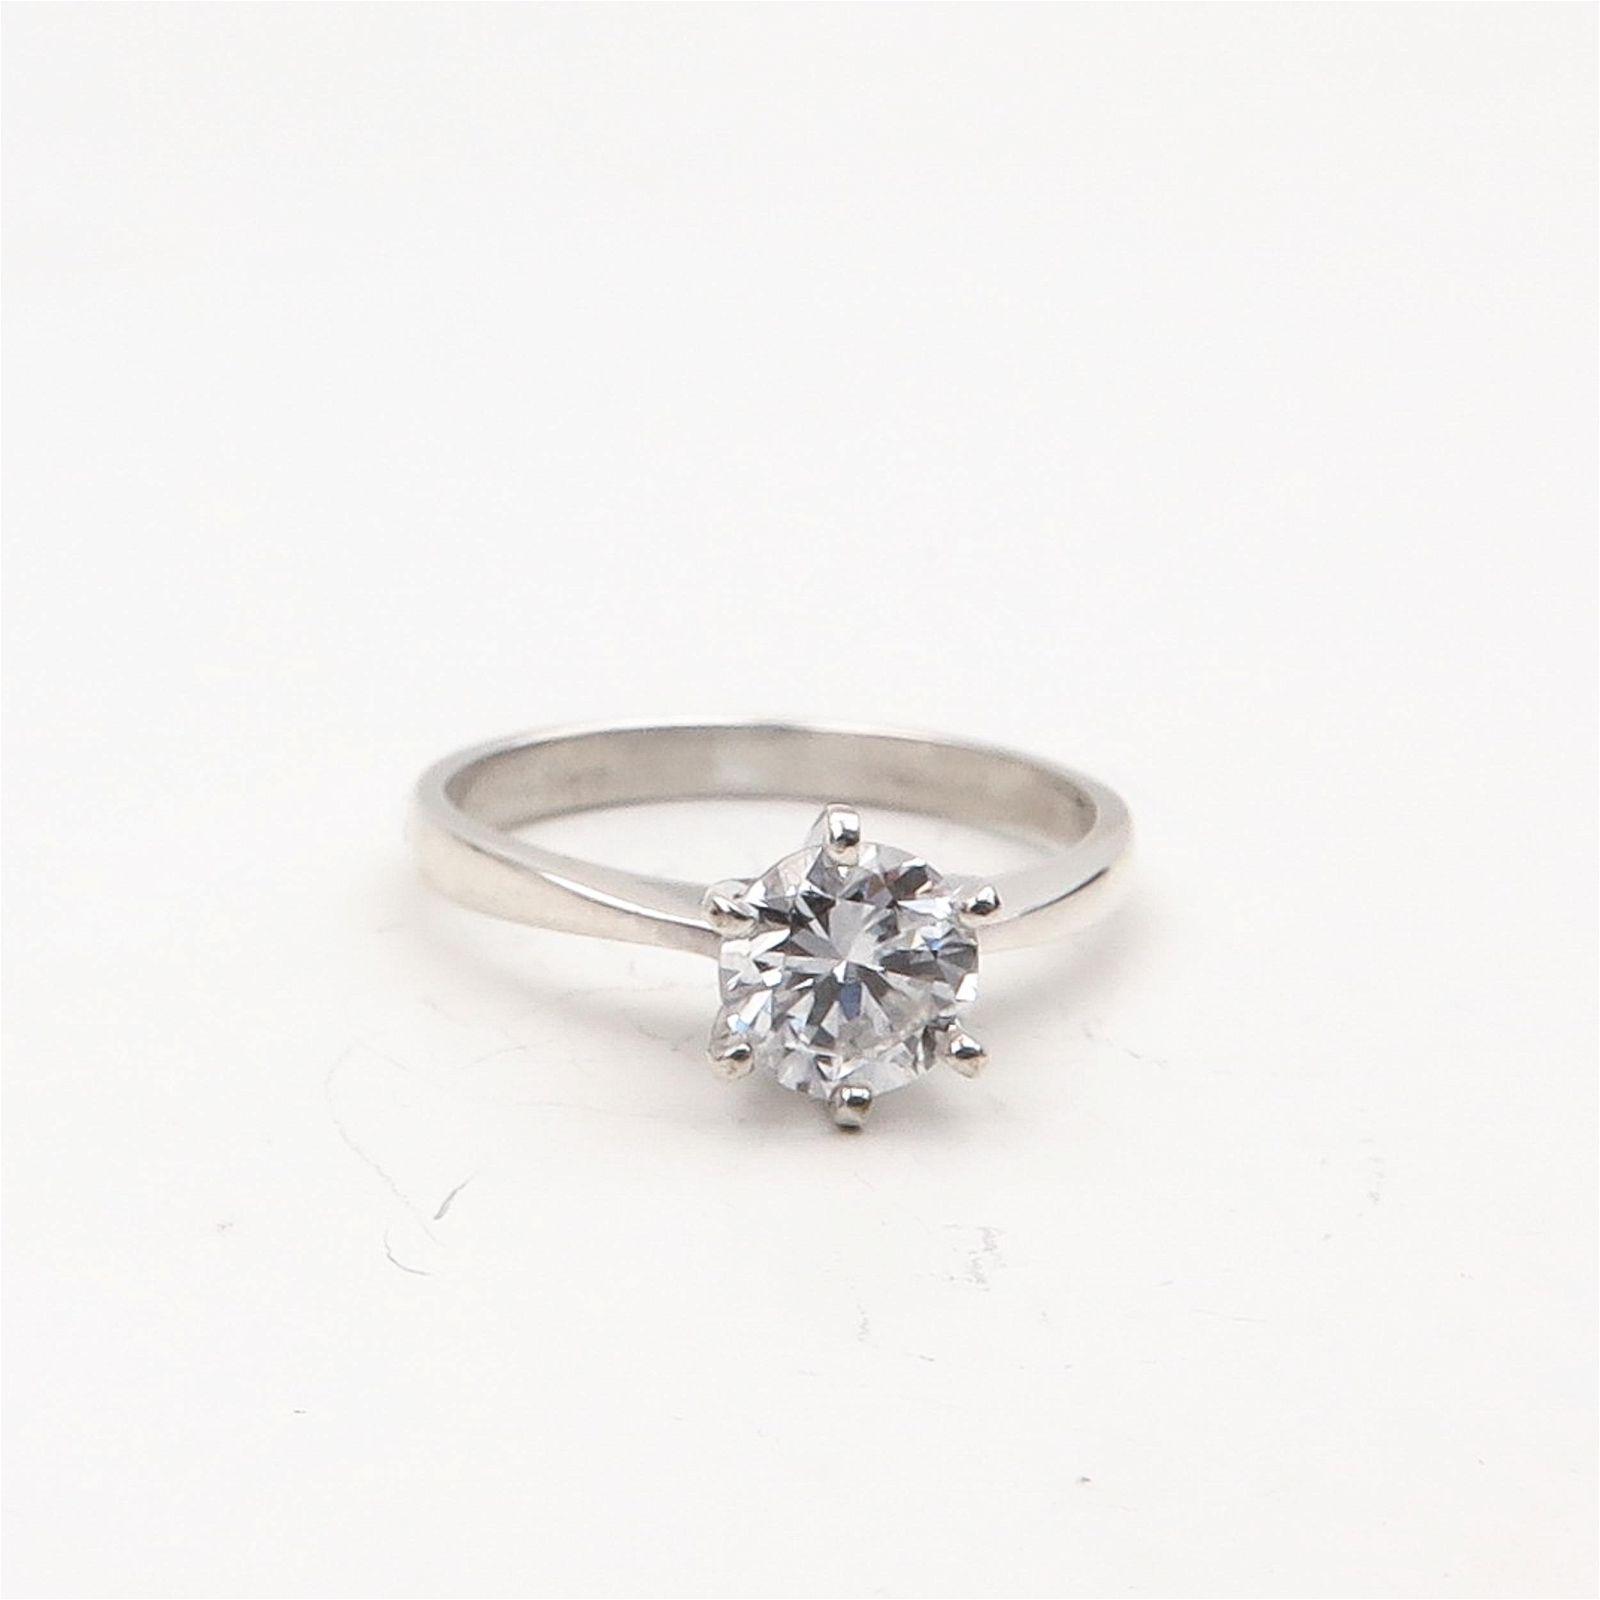 A Ladies Diamond Solitaire Ring 0.57 Carat